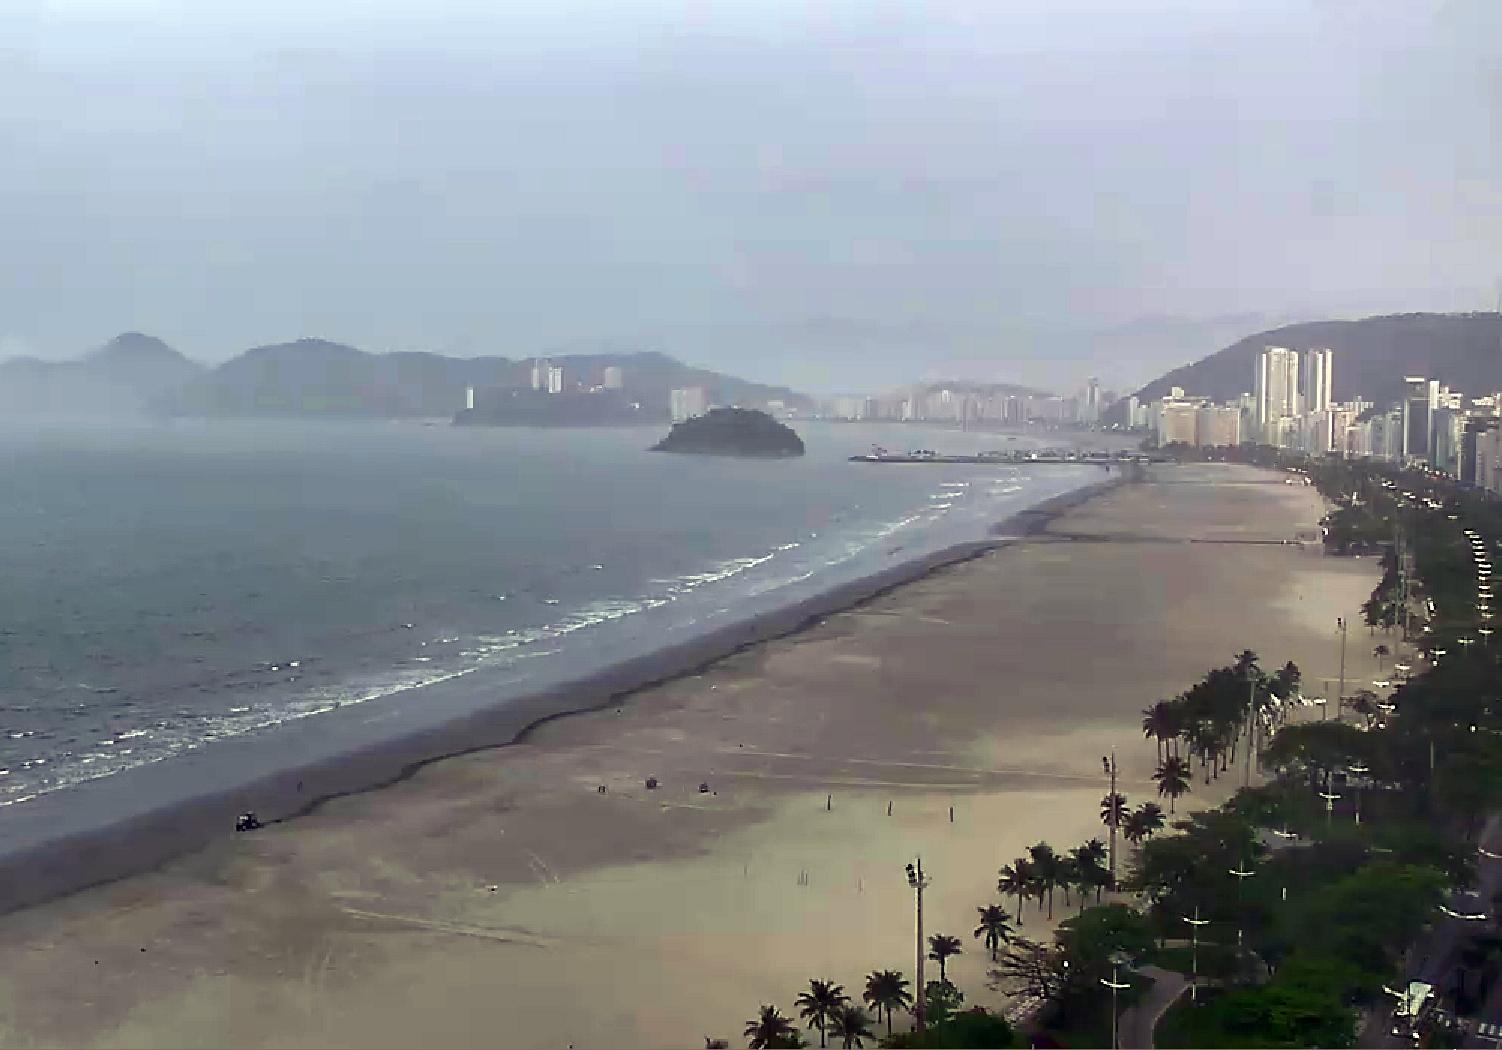 Tratores percorrem as praia de Santos para remover lixo expelido pelo mar. Enquanto continuarmos poluindo o mangue, todo dia será dia de limpeza de praias na Baixada Santista. Crédito: Janelas TV